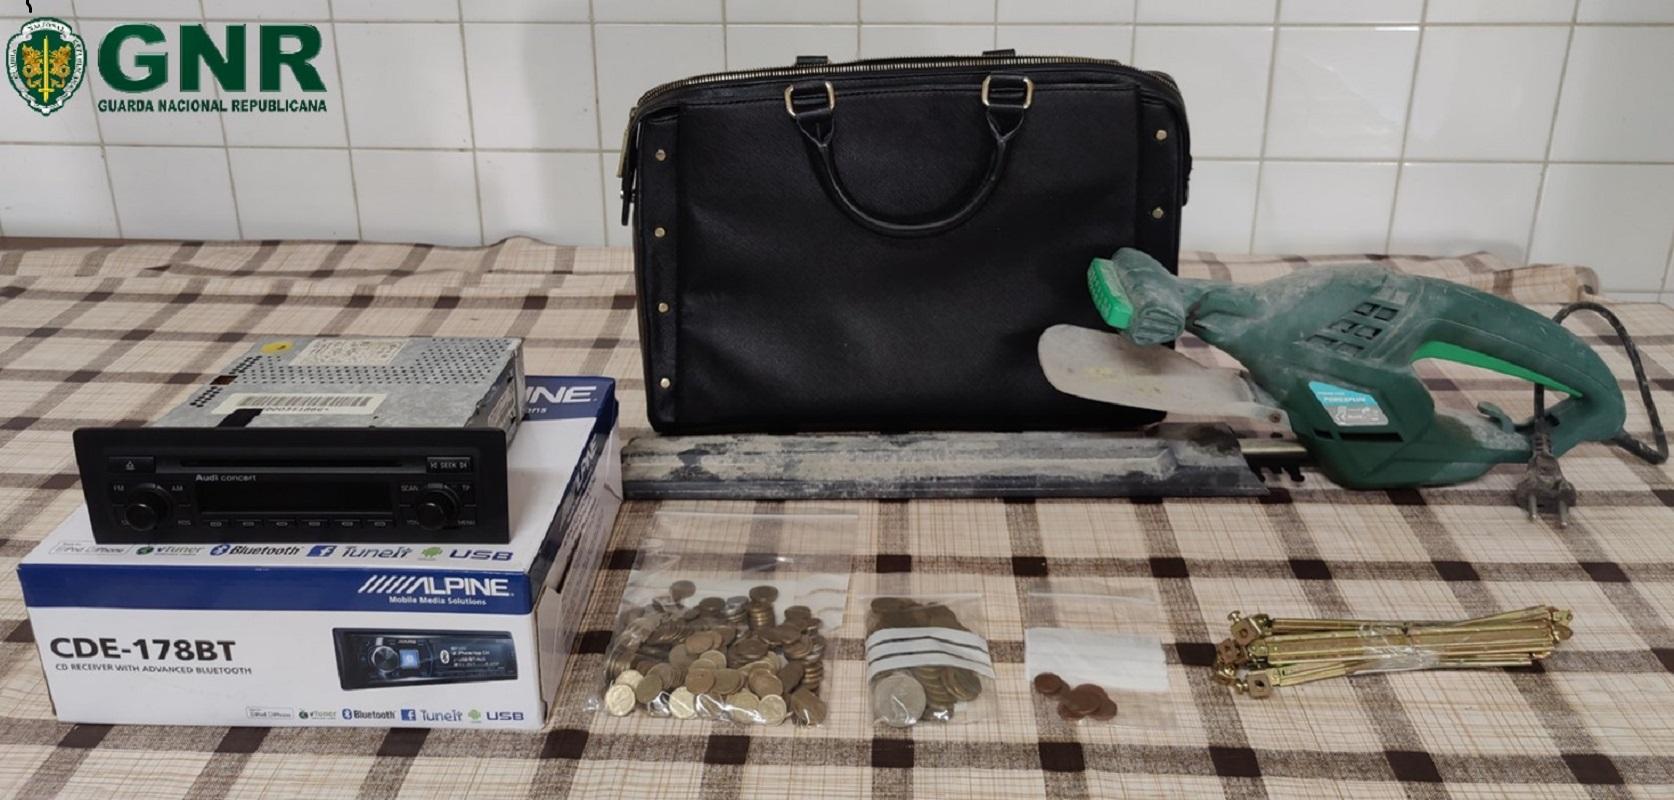 GNR de Viana do Castelo recupera material furtado em Melgaço